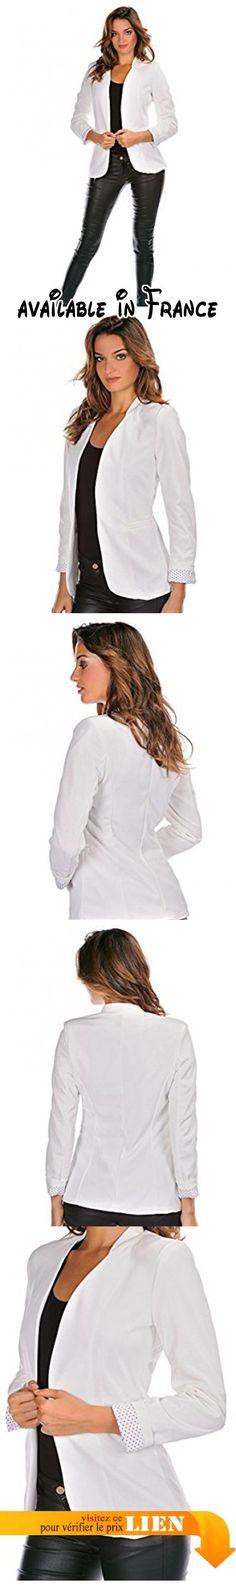 B0732XJS41 : Doucel - Veste ROMANTIK Ref. ERIN Couleur - beige Taille Femme - 40.